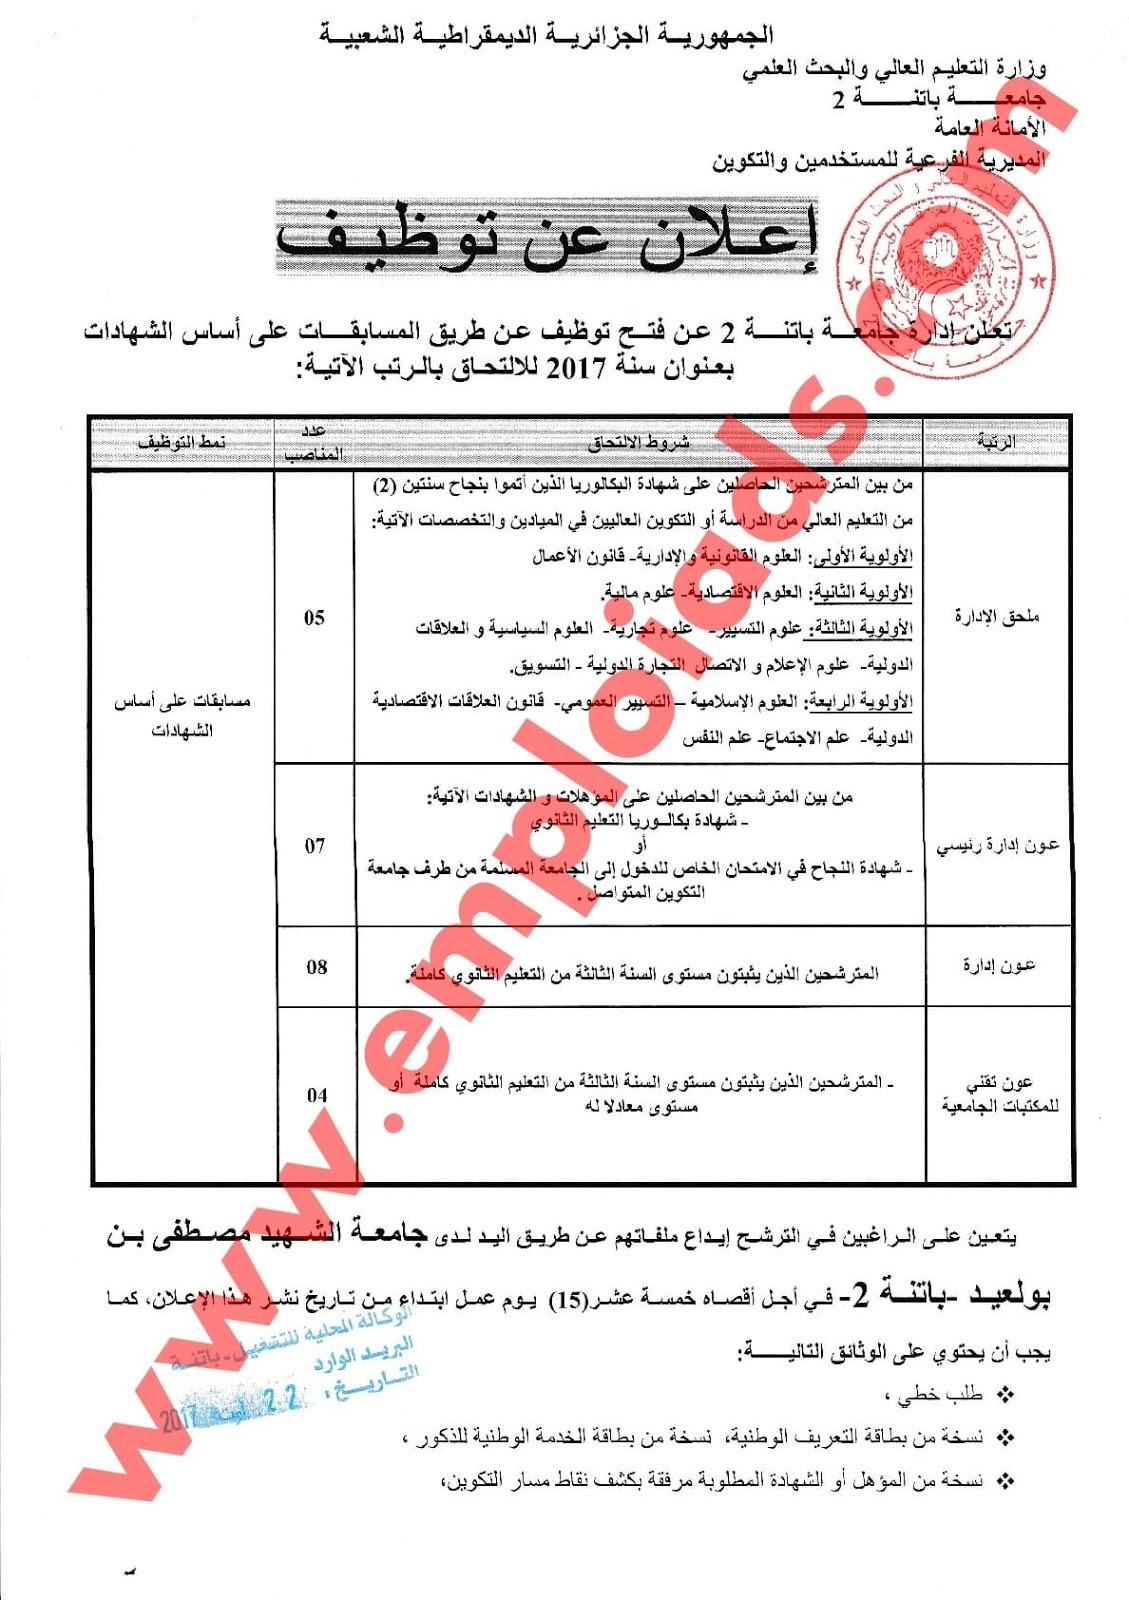 اعلان مسابقة توظيف اداريين جامعة الشهيد مصطفى بن بولعيد ولاية باتنة اوت 2017